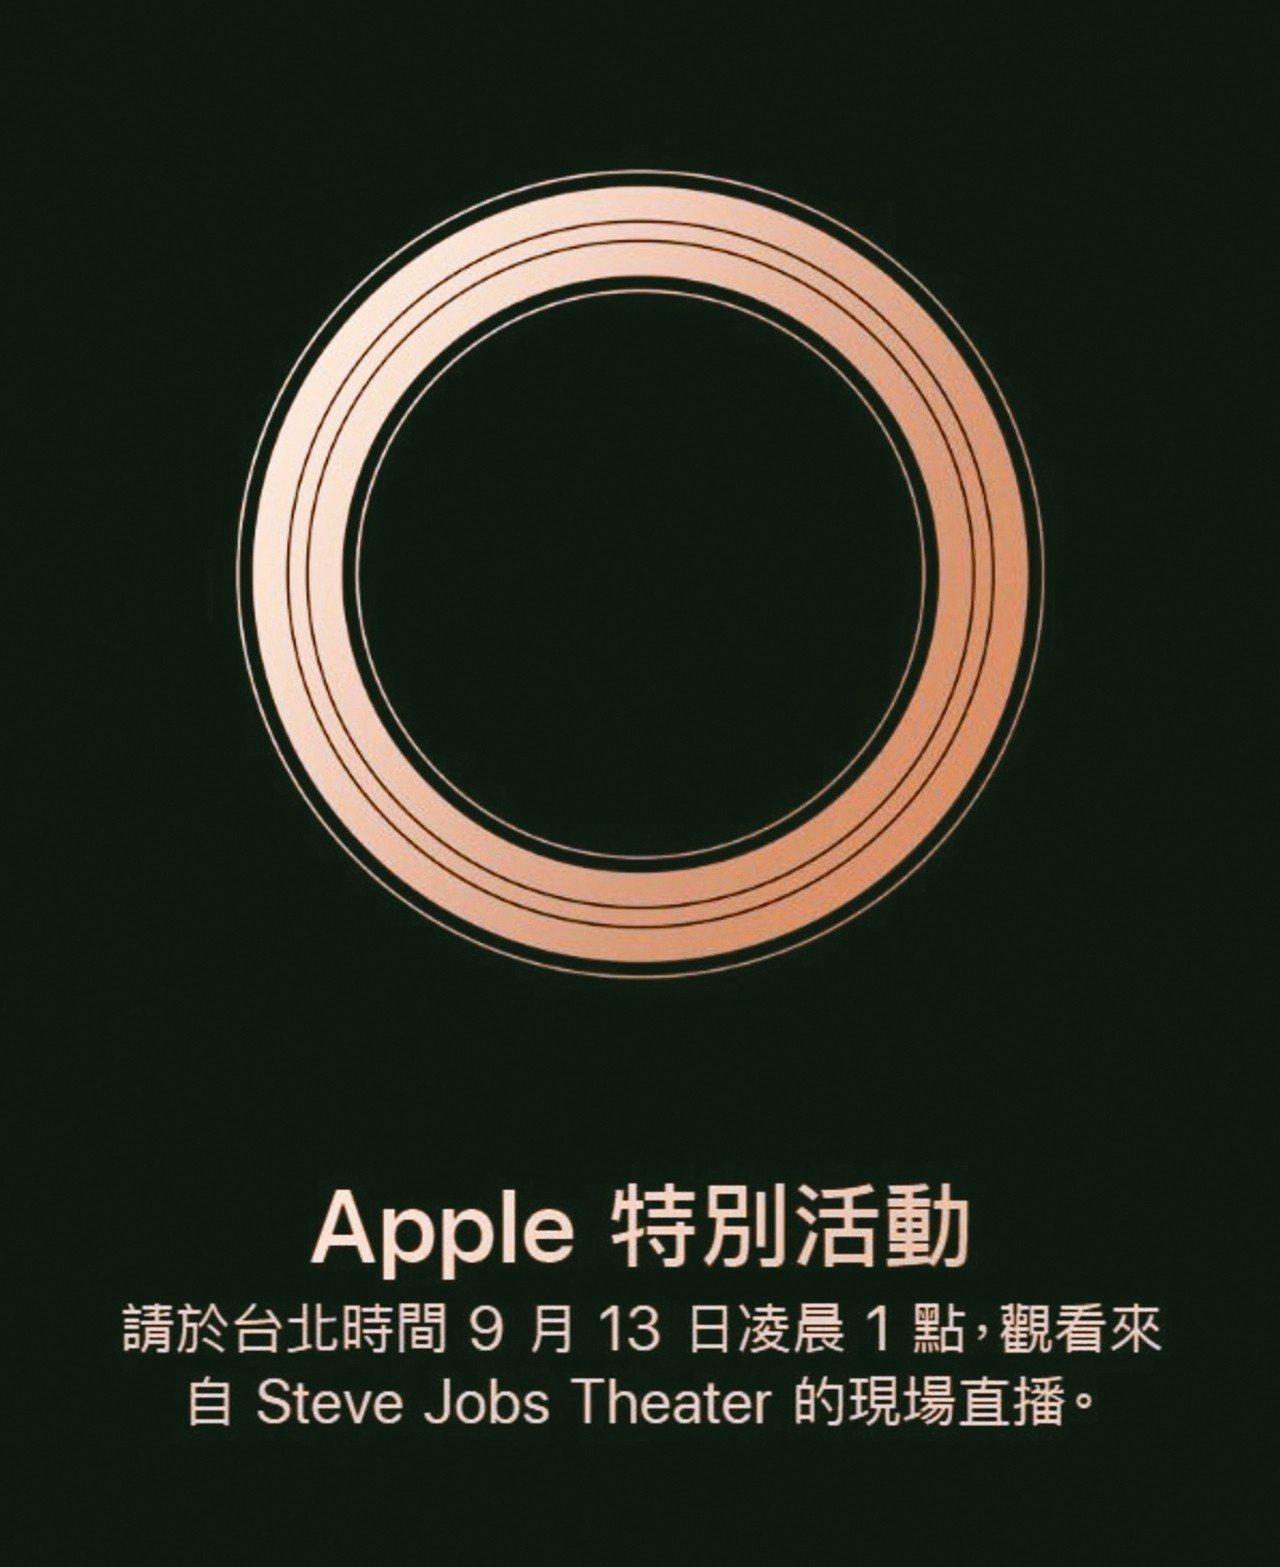 美國蘋果公司今天正式發出台北時間9月13日秋季新品發表會邀請函。 圖/取自蘋果官...